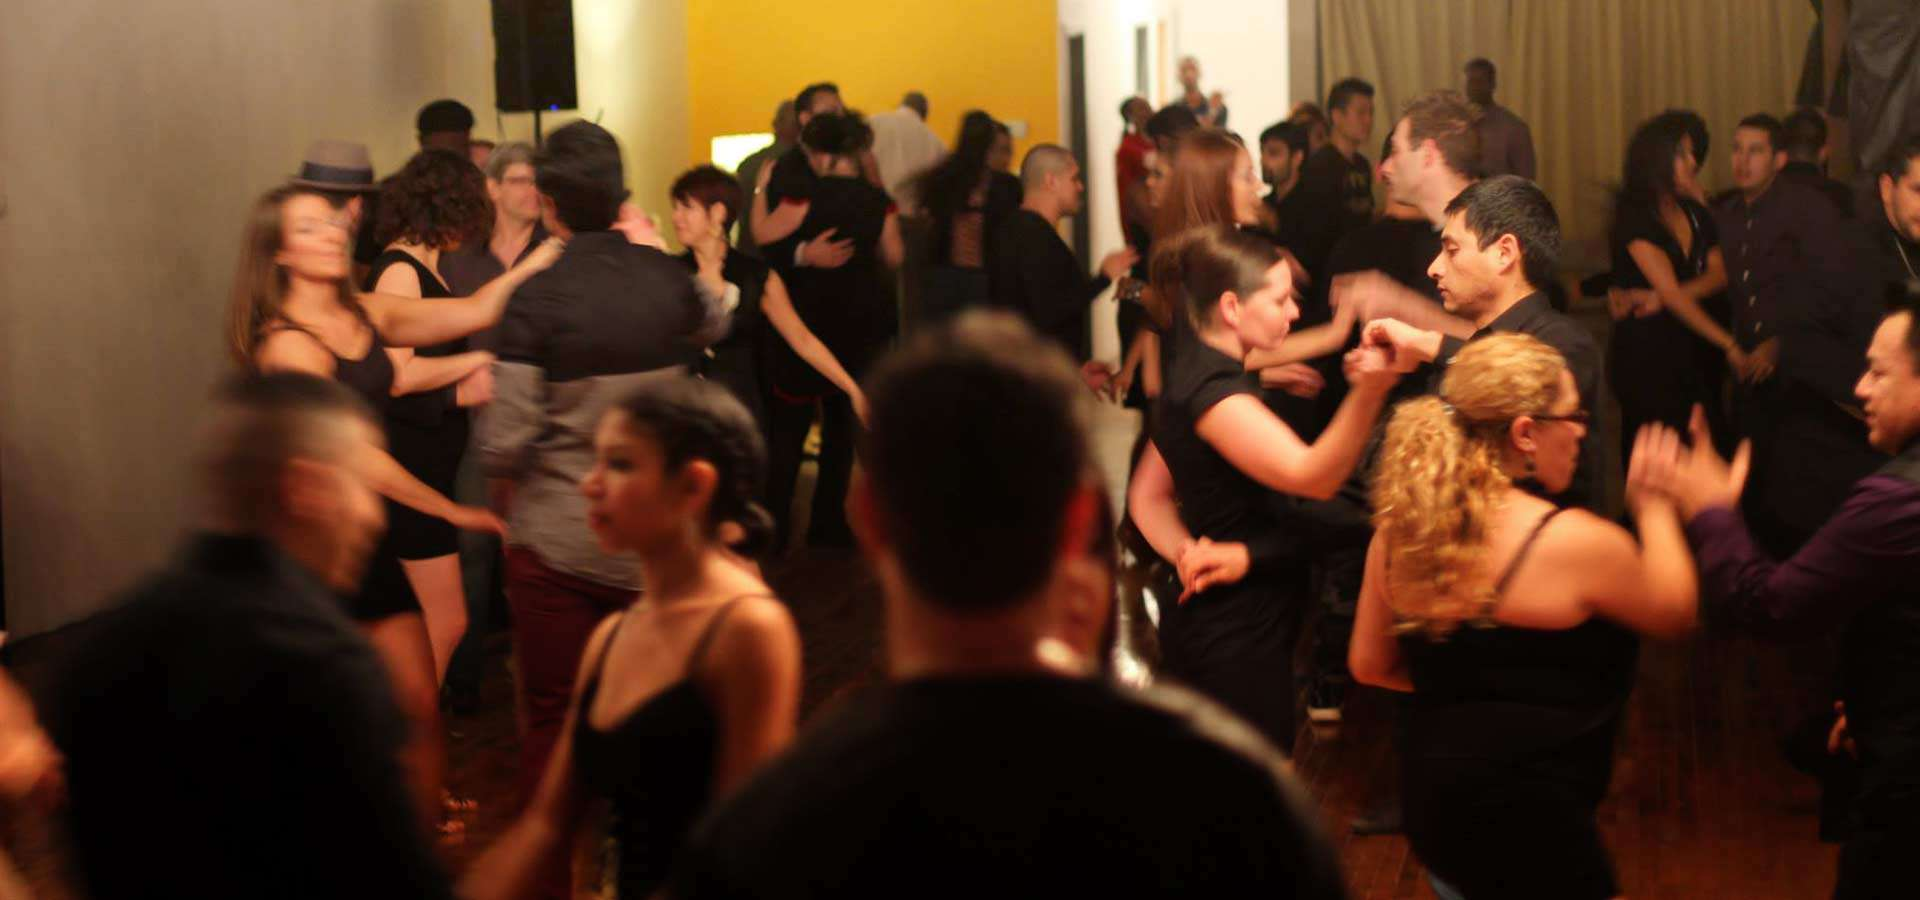 Social Latin dancing